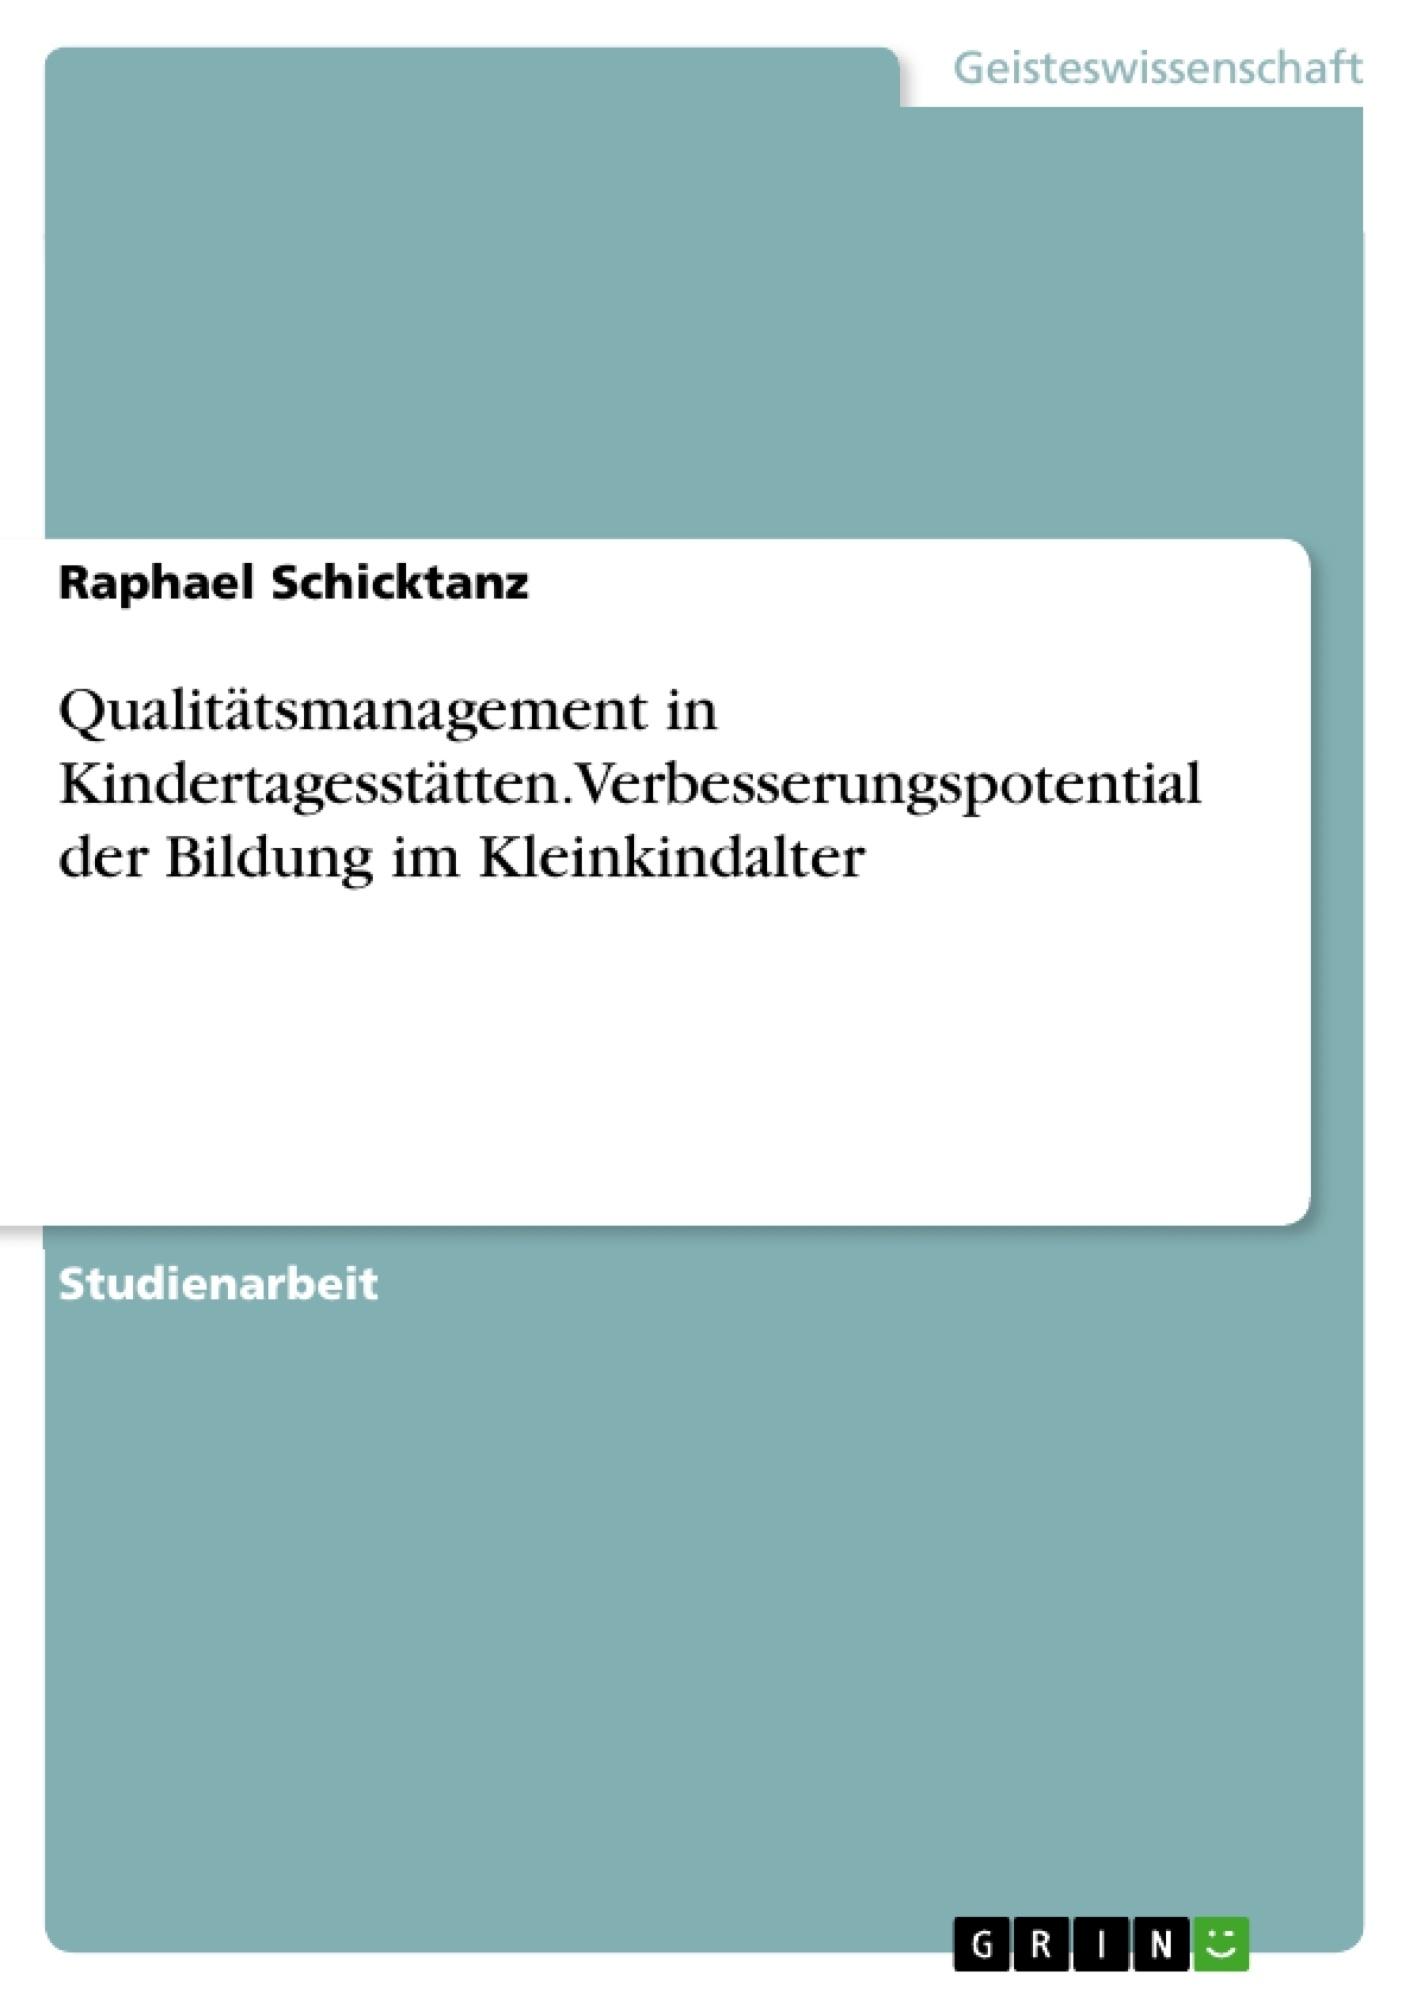 Titel: Qualitätsmanagement in Kindertagesstätten. Verbesserungspotential der Bildung im Kleinkindalter